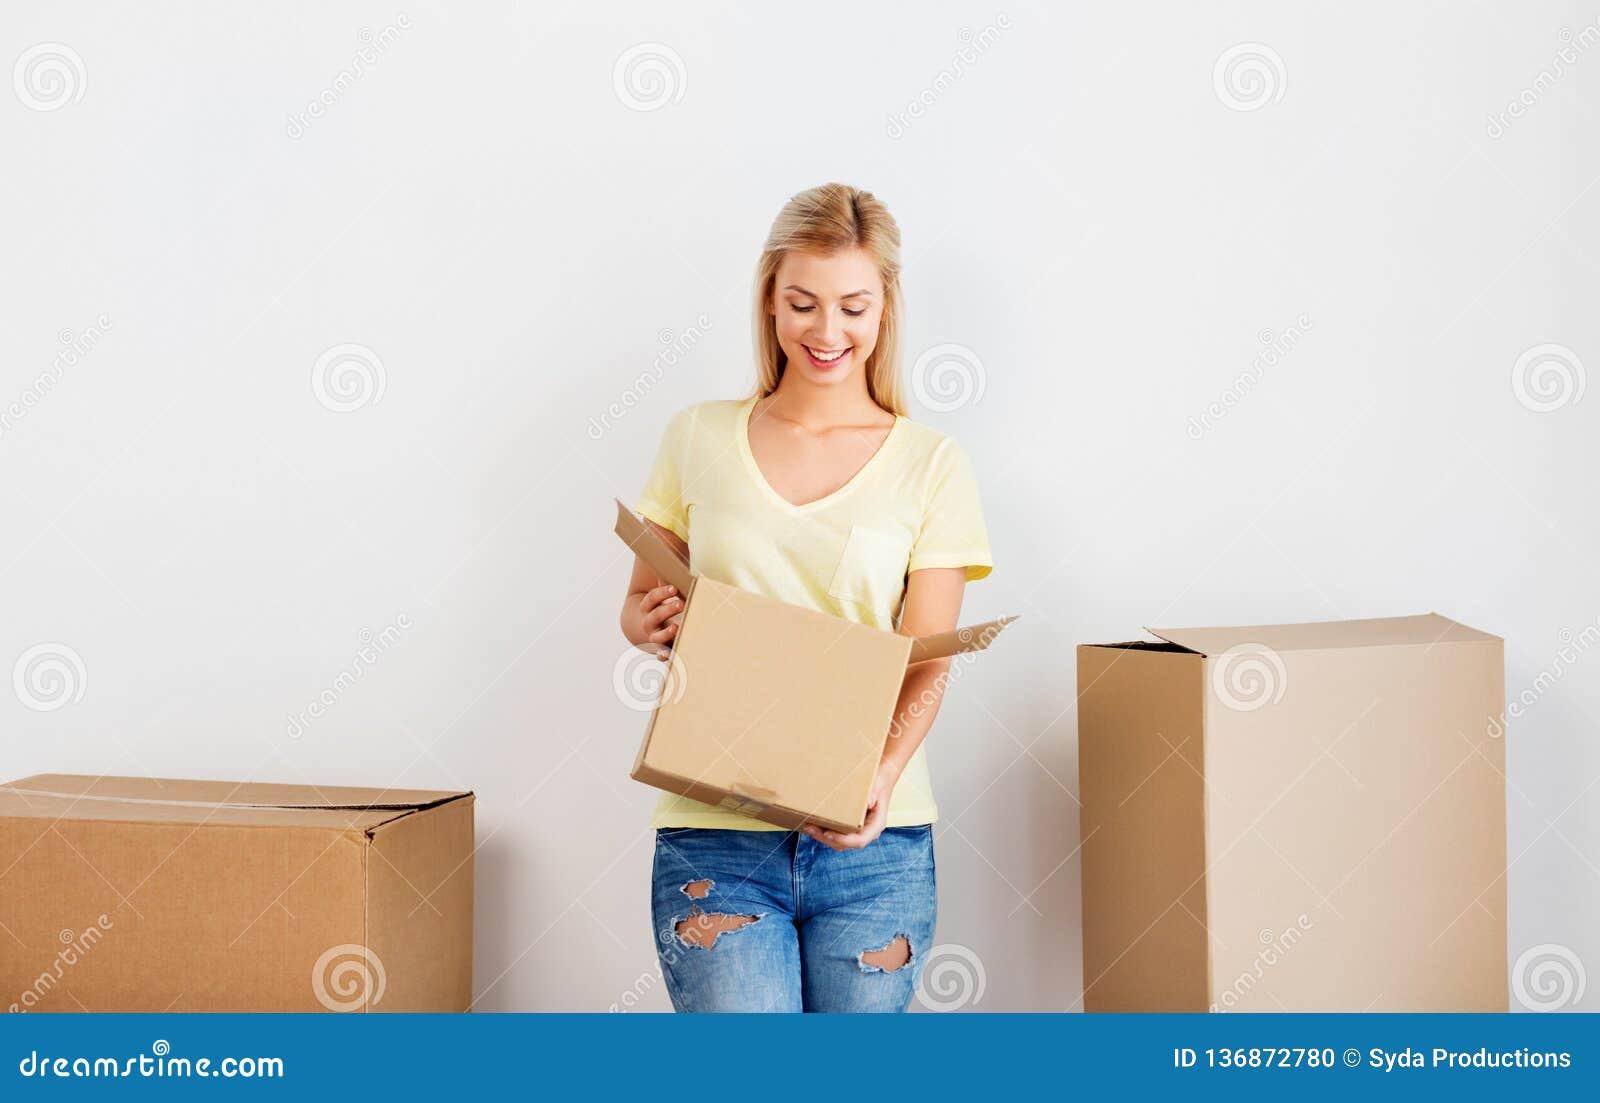 Lycklig kvinna med kartongen som flyttar sig till det nya hemmet